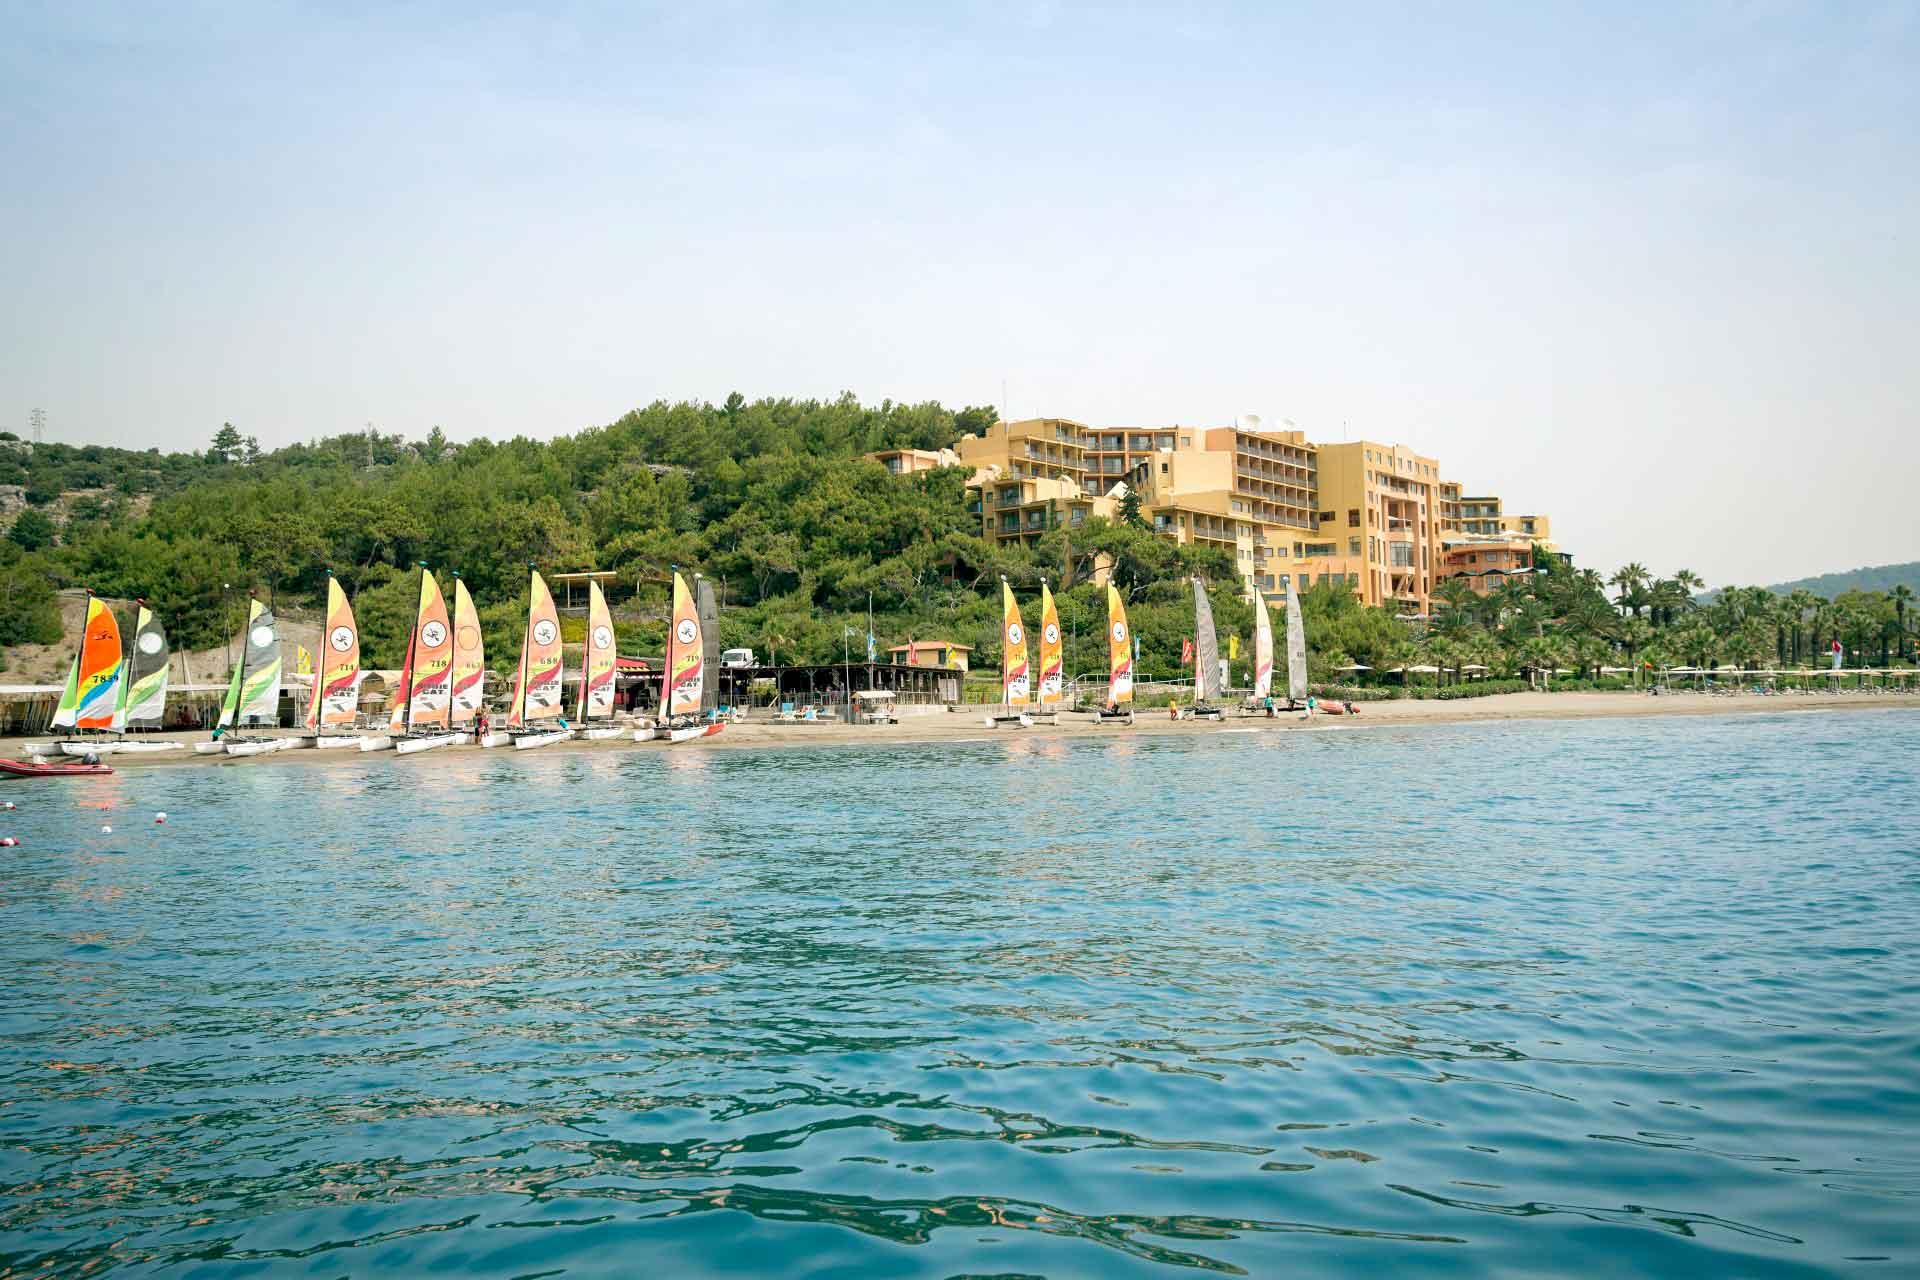 ROBINSON CLUB SARIGERME PARK - Wassersport